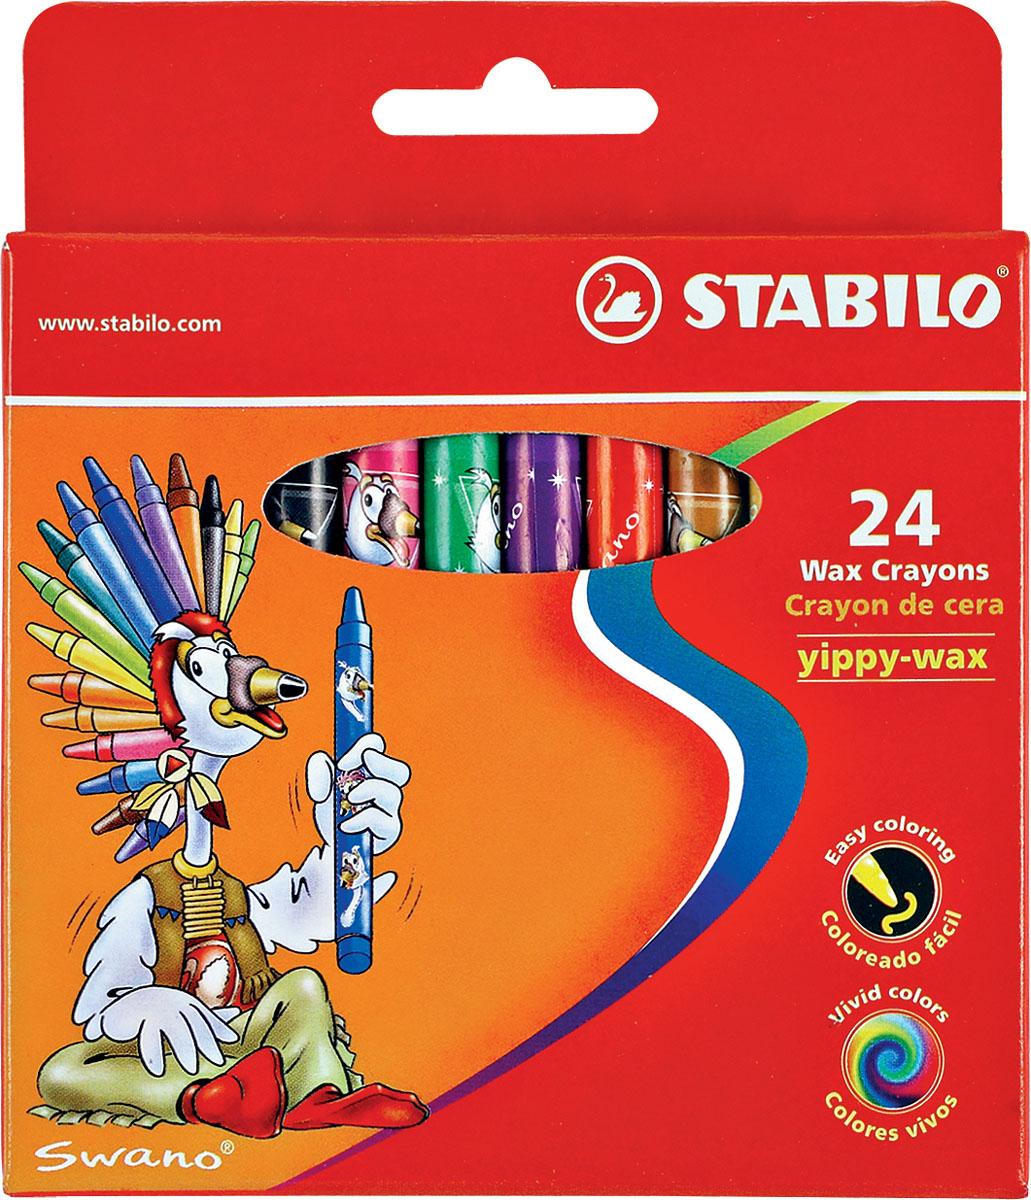 Восковые мелки Stabilo Yippy-wax, 24 цветаК-1181-012Цветные восковые мелки отличаются необыкновенной яркостью и стойкостью цвета. Легко смешиваются и позволяют создавать огромное количество оттенков. Очень прочные, не крошатся, не ломаются, не образуют пыли, не нуждаются в затачивании. Каждый мелок в индивидуальной бумажной упаковке. Характеристики:Материал:воск. Диаметр мелка:1 см. Длина мелка:9,3 см. Размер упаковки:10,5 см х 12 см х 1,5 см. Изготовитель:Малайзия.